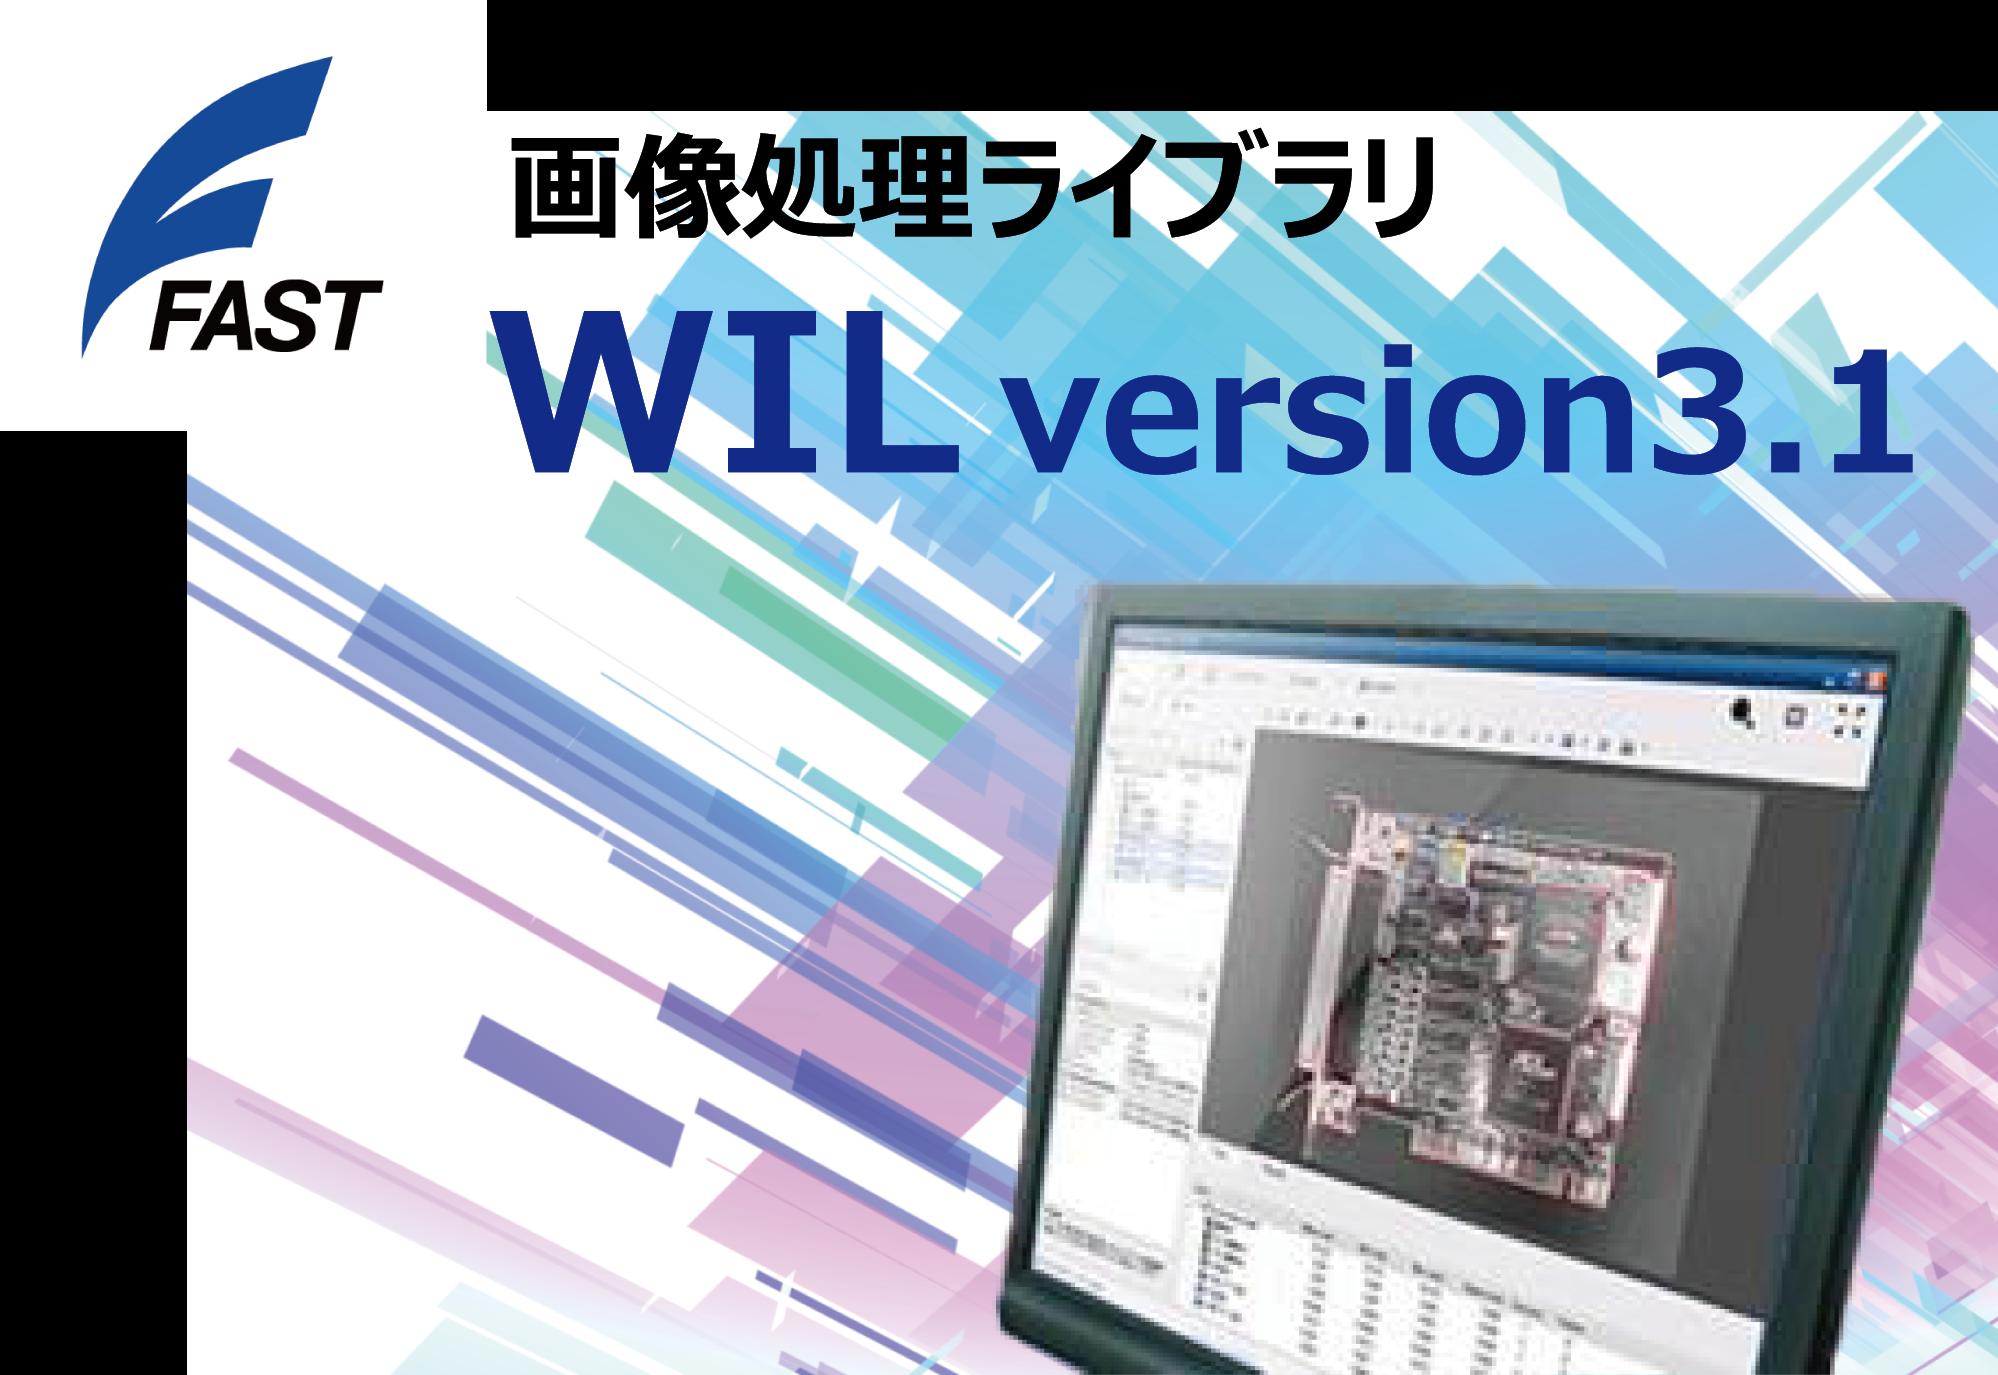 画像処理ライブラリ WIL version3.1